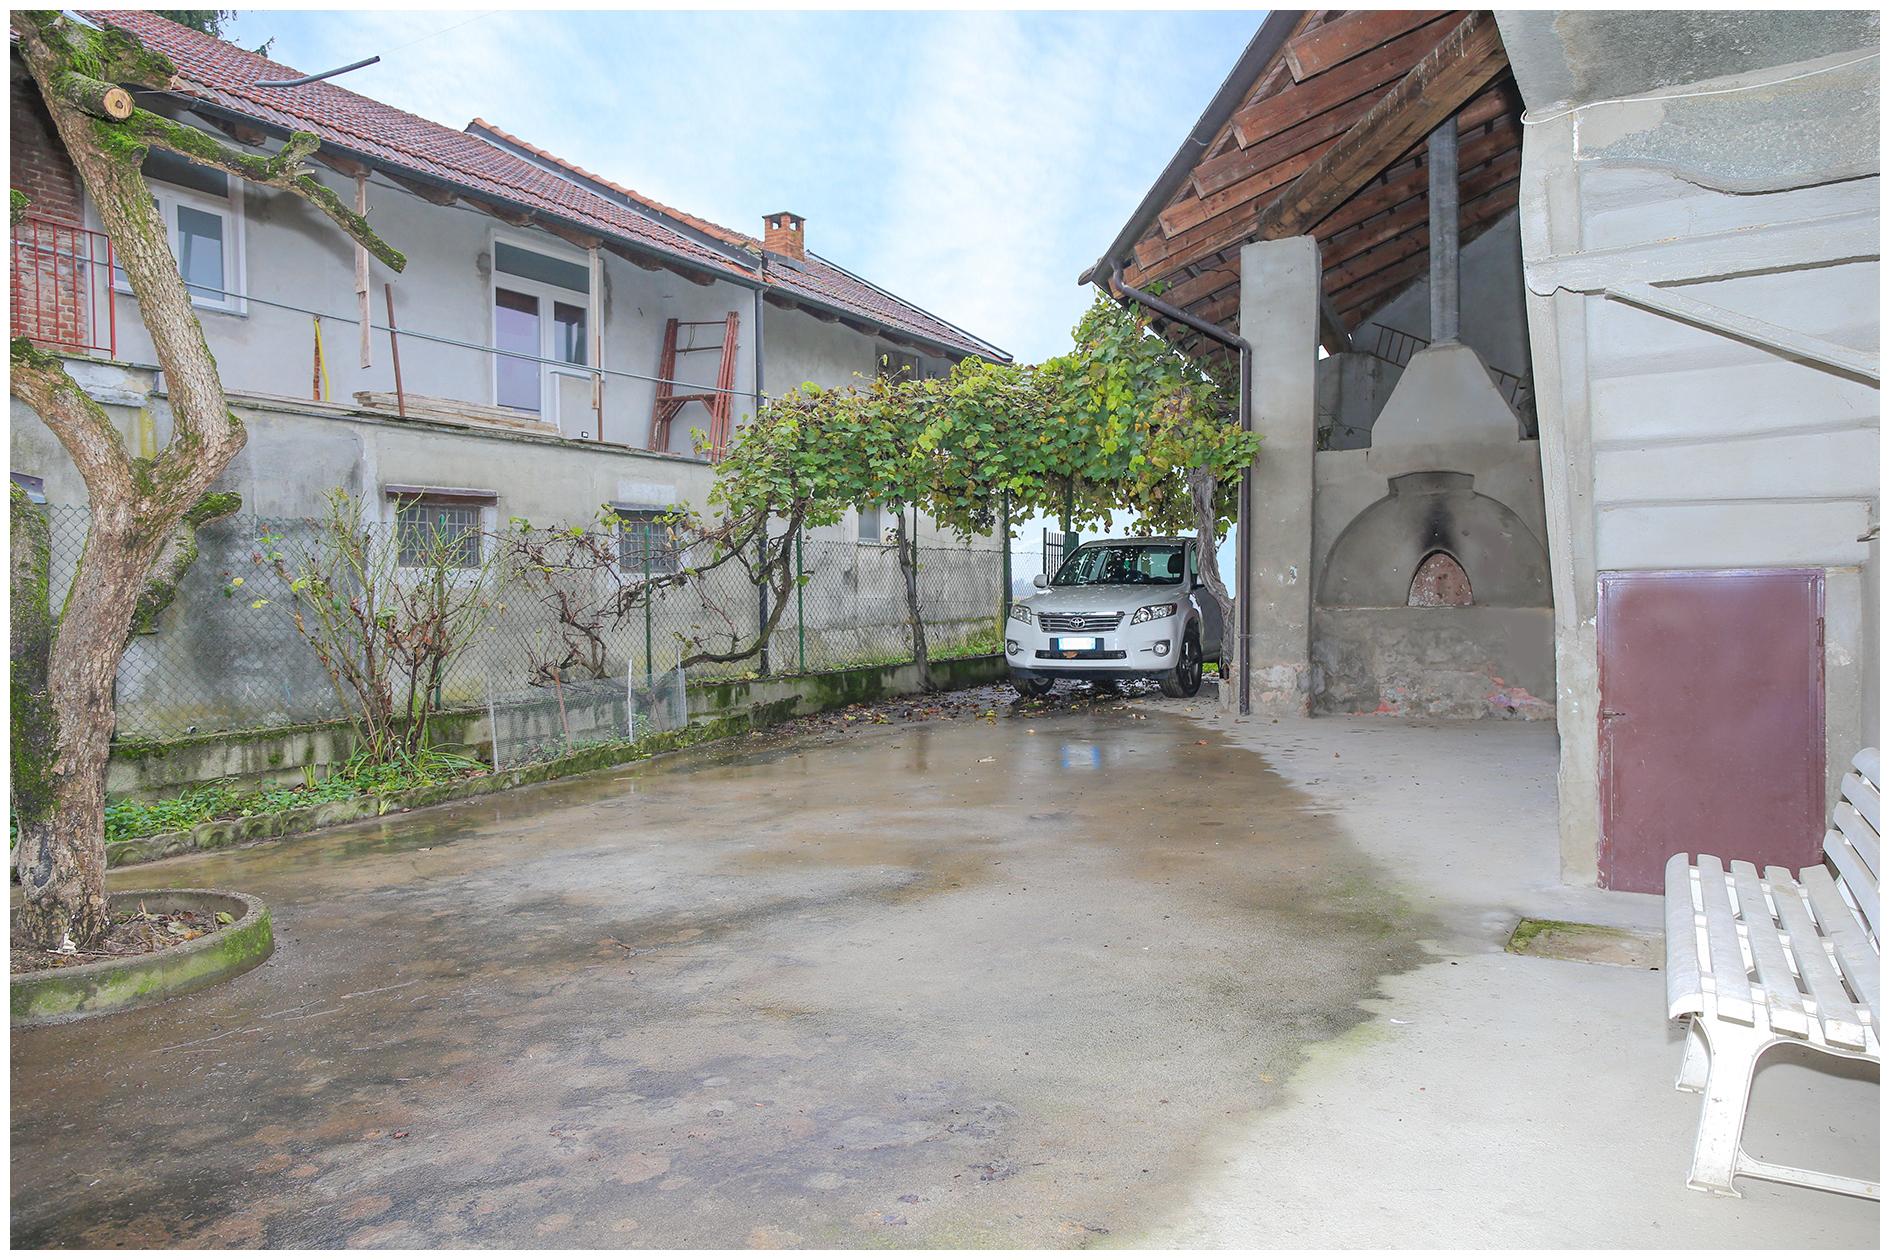 Appartamento in vendita a Cavour, 4 locali, zona Località: S.Agostino, prezzo € 63.000 | PortaleAgenzieImmobiliari.it